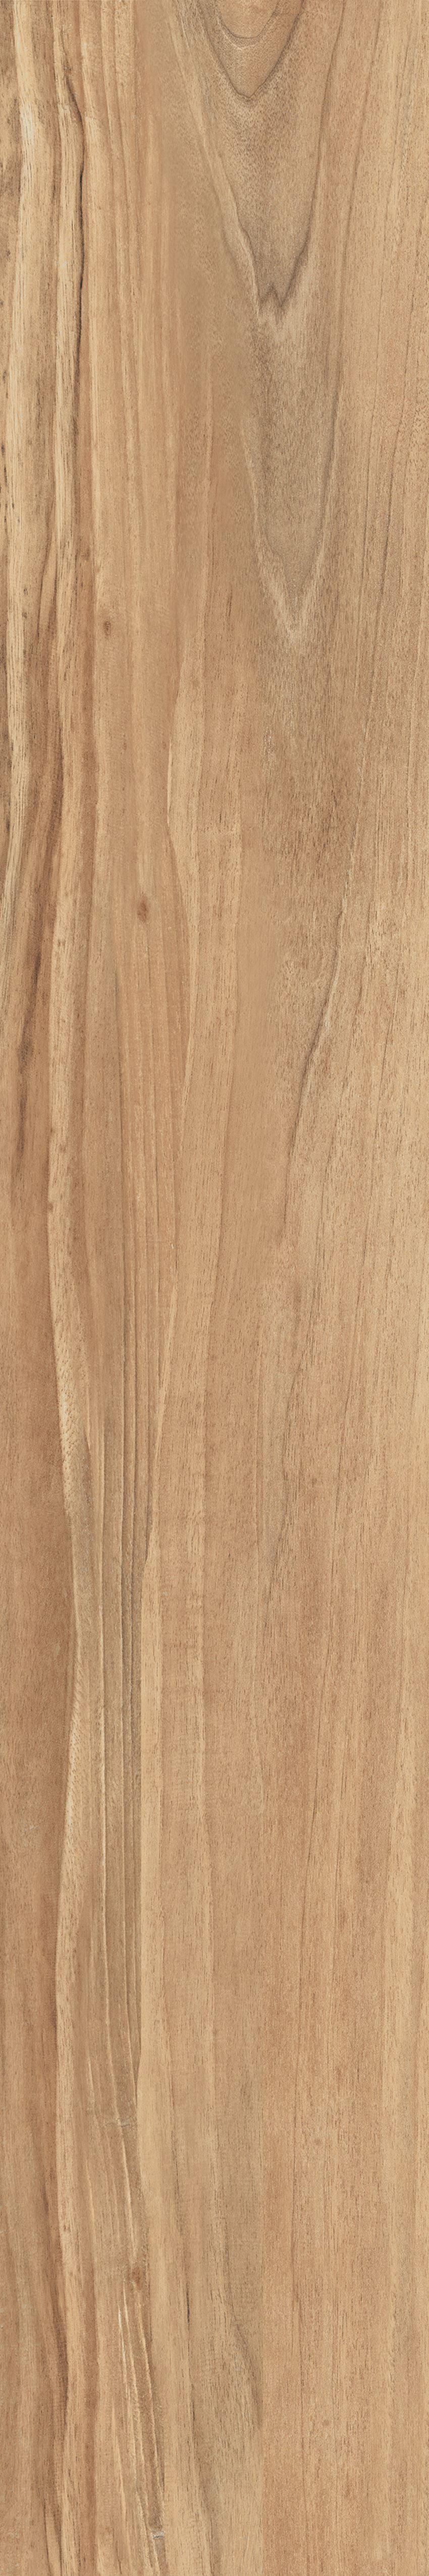 Płytka uniwersalna 19,3x119,7 cm Nowa Gala Cherry